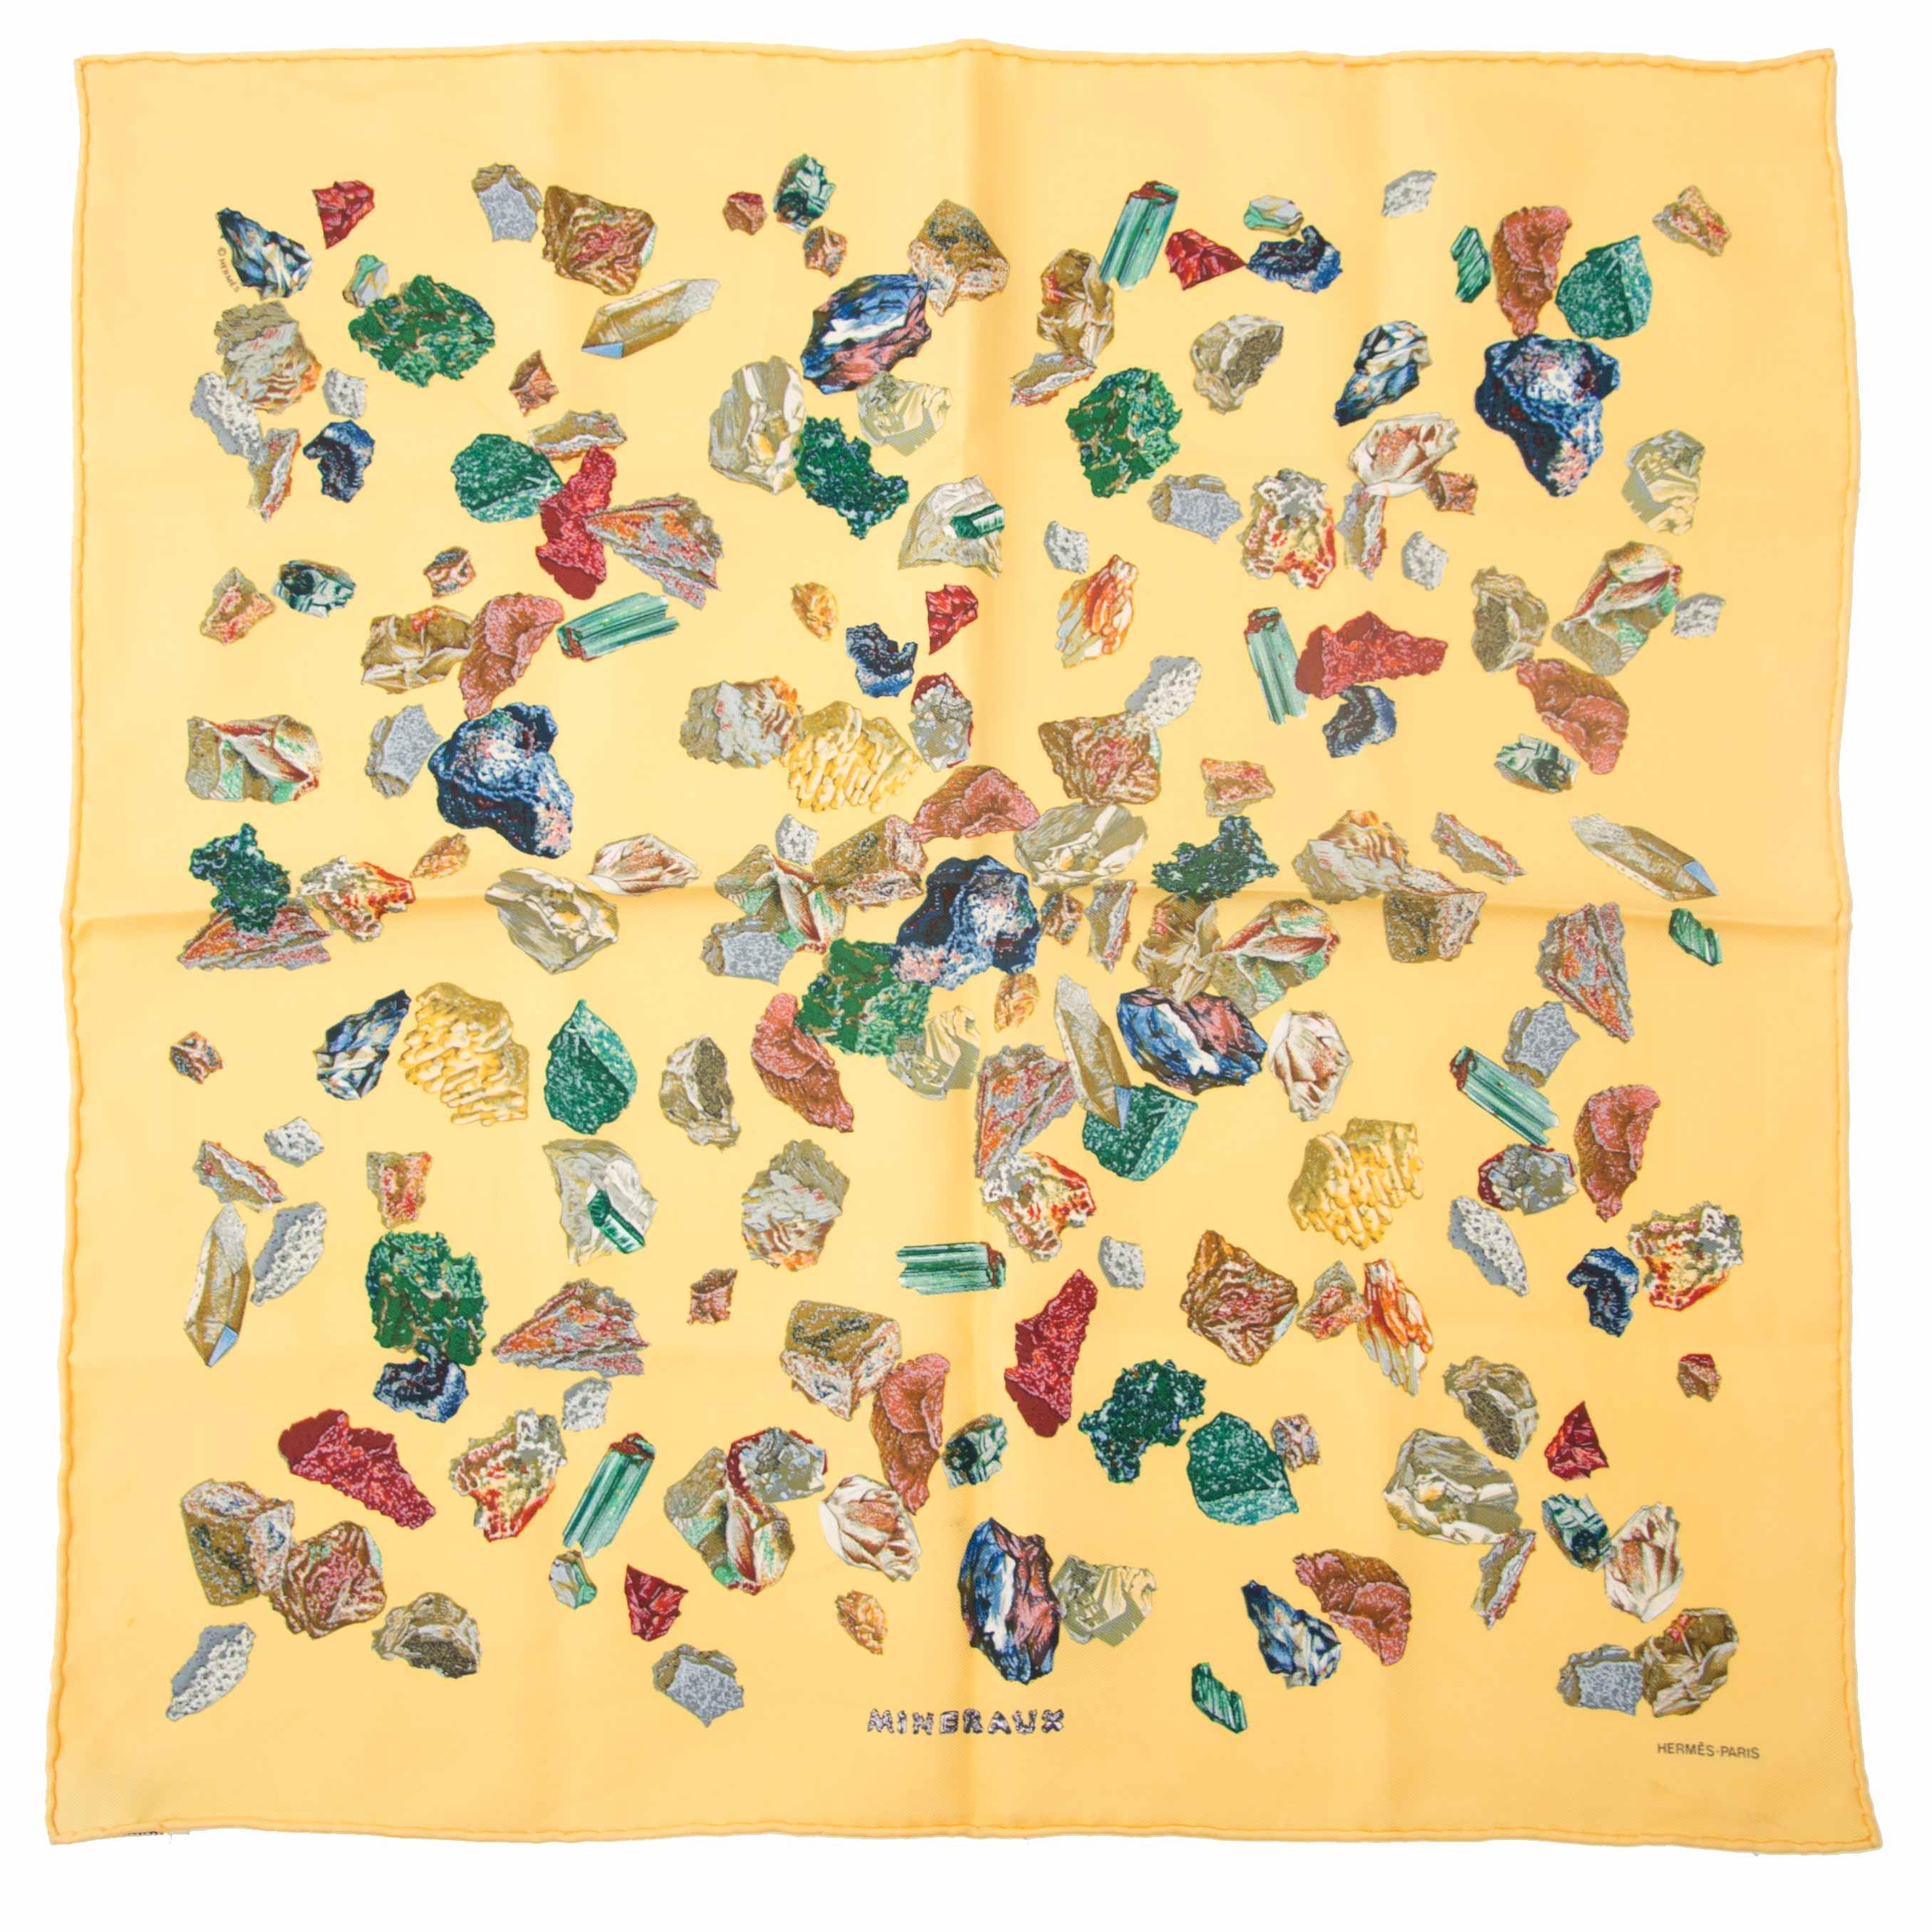 hermes carré minereaux en ligne chez labellov.com pour le meilleur prix